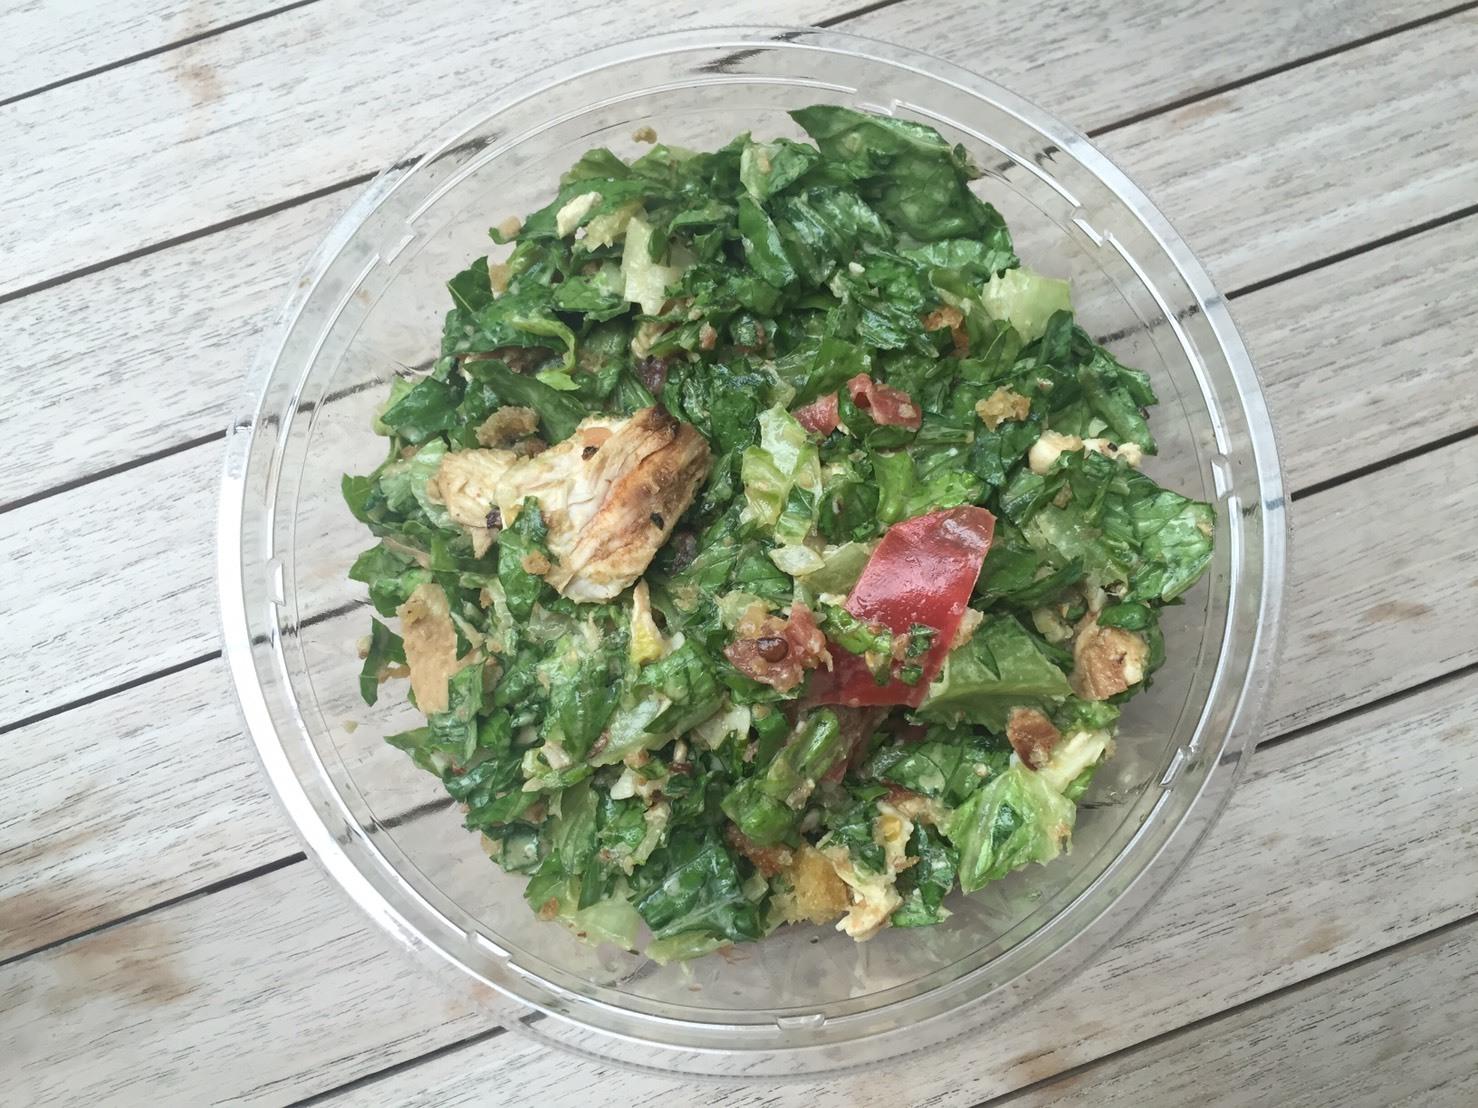 【 第11回❤︎ 】身体の中から美しく!美味しいサラダが食べられる都内のオシャレカフェ5選*_1_2